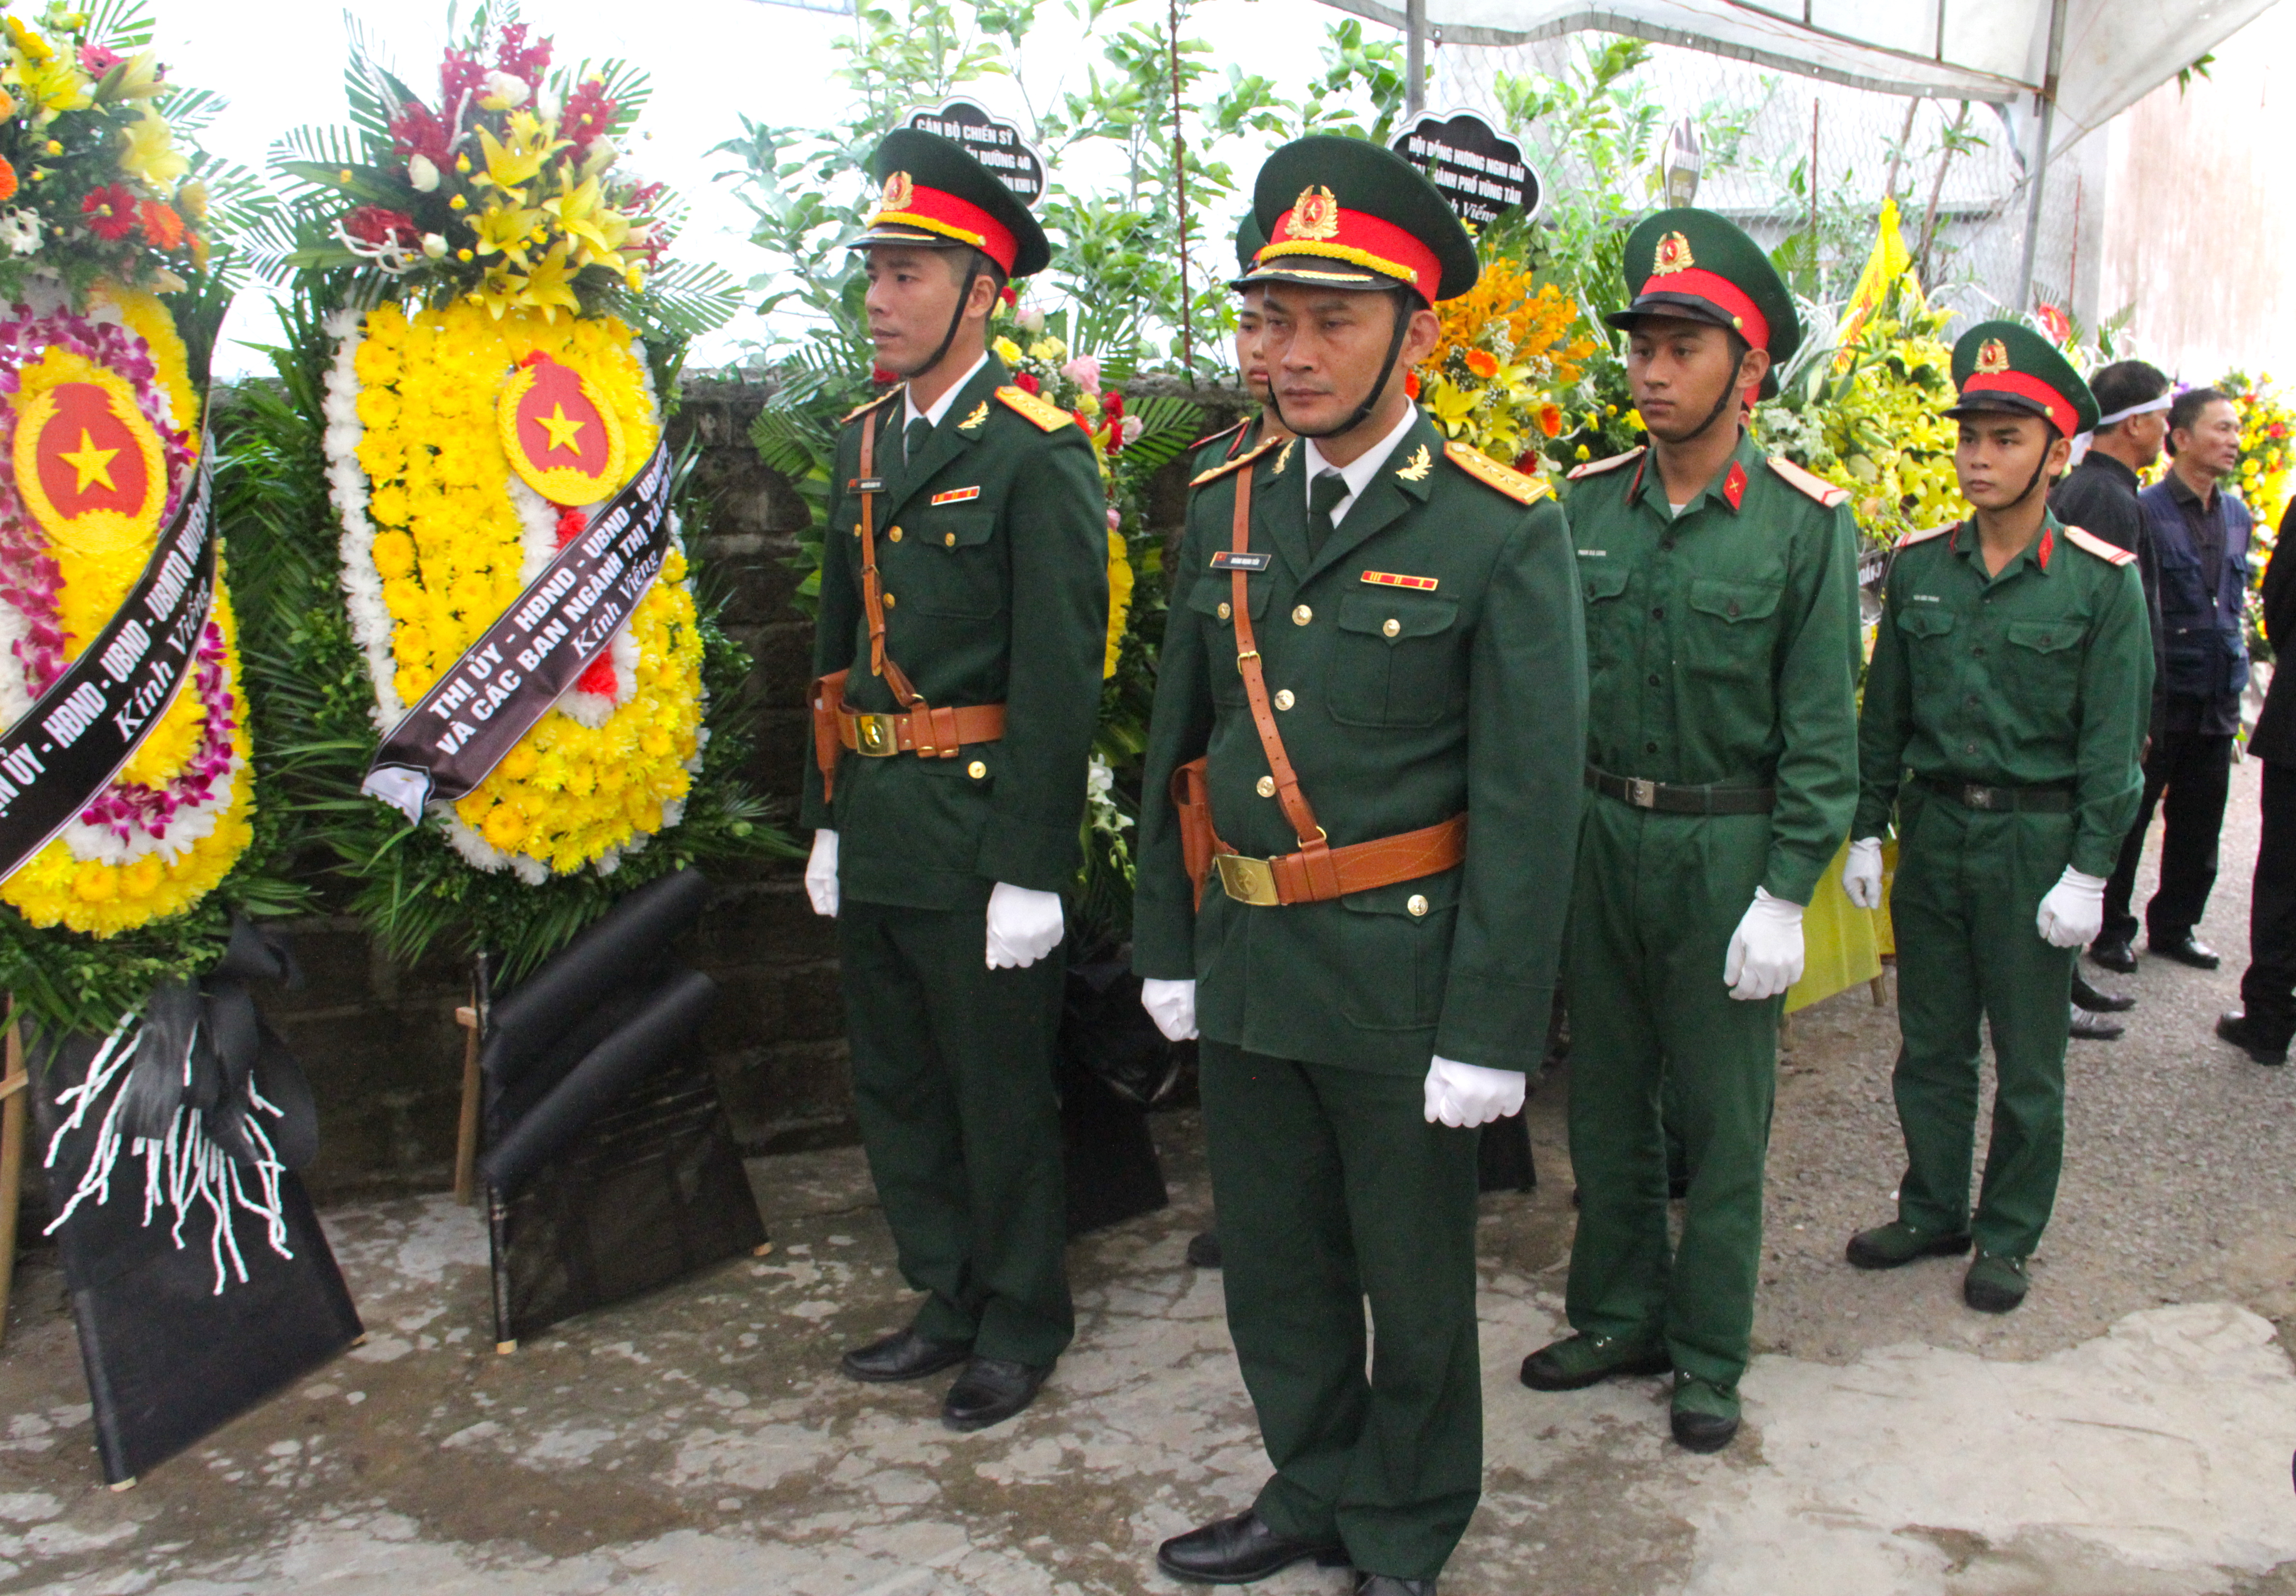 Nước mắt tiễn biệt liệt sỹ Đoàn 337 bị vùi lấp ở Quảng Trị: Nào ngờ con đi không về nữa - Ảnh 3.